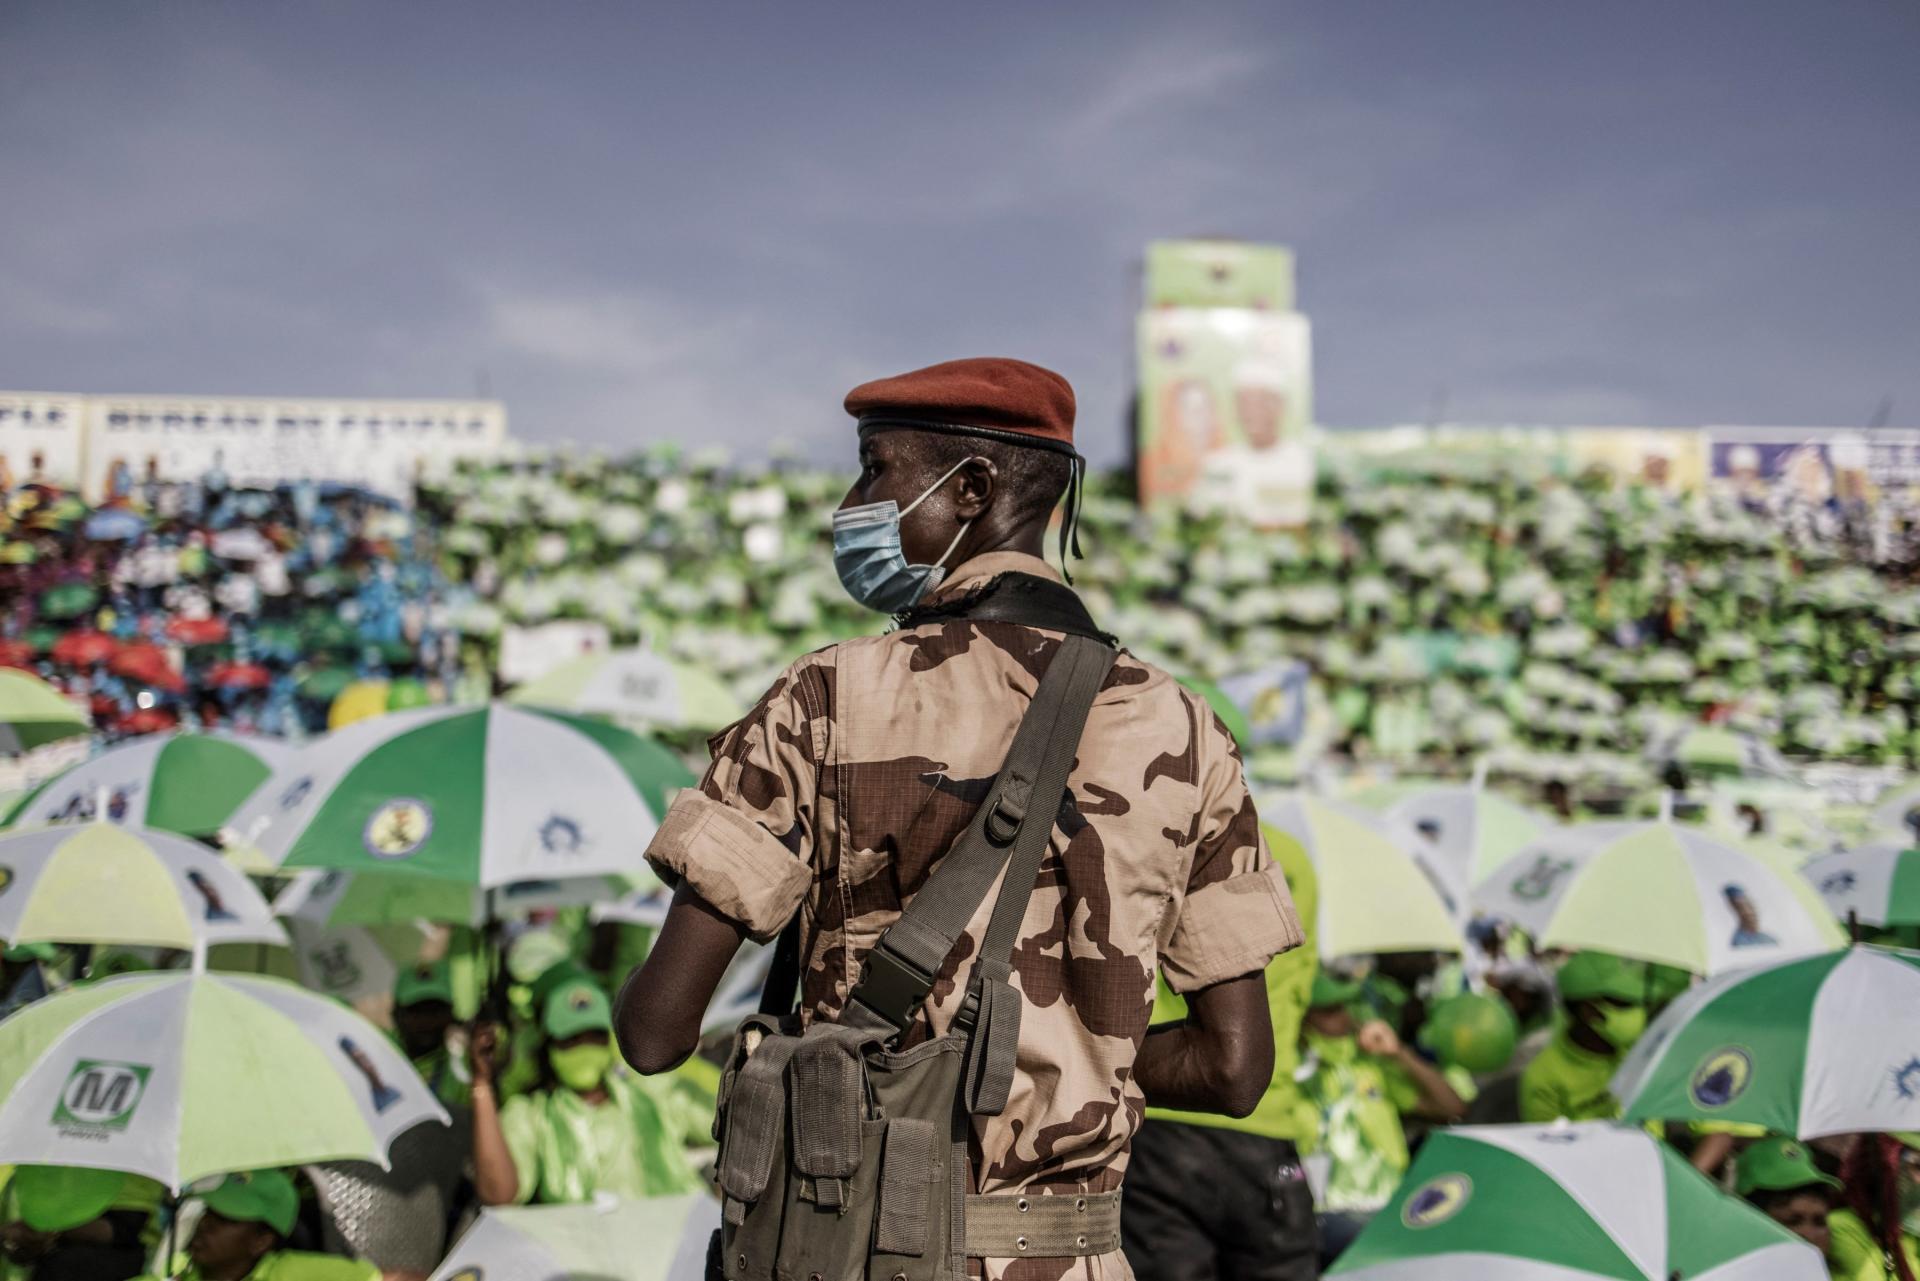 Un membre de la garde présidentielle surveille la foule lors d'un rassemblement de partisans d'Idriss Déby à N'Djamena, le 9 avril.